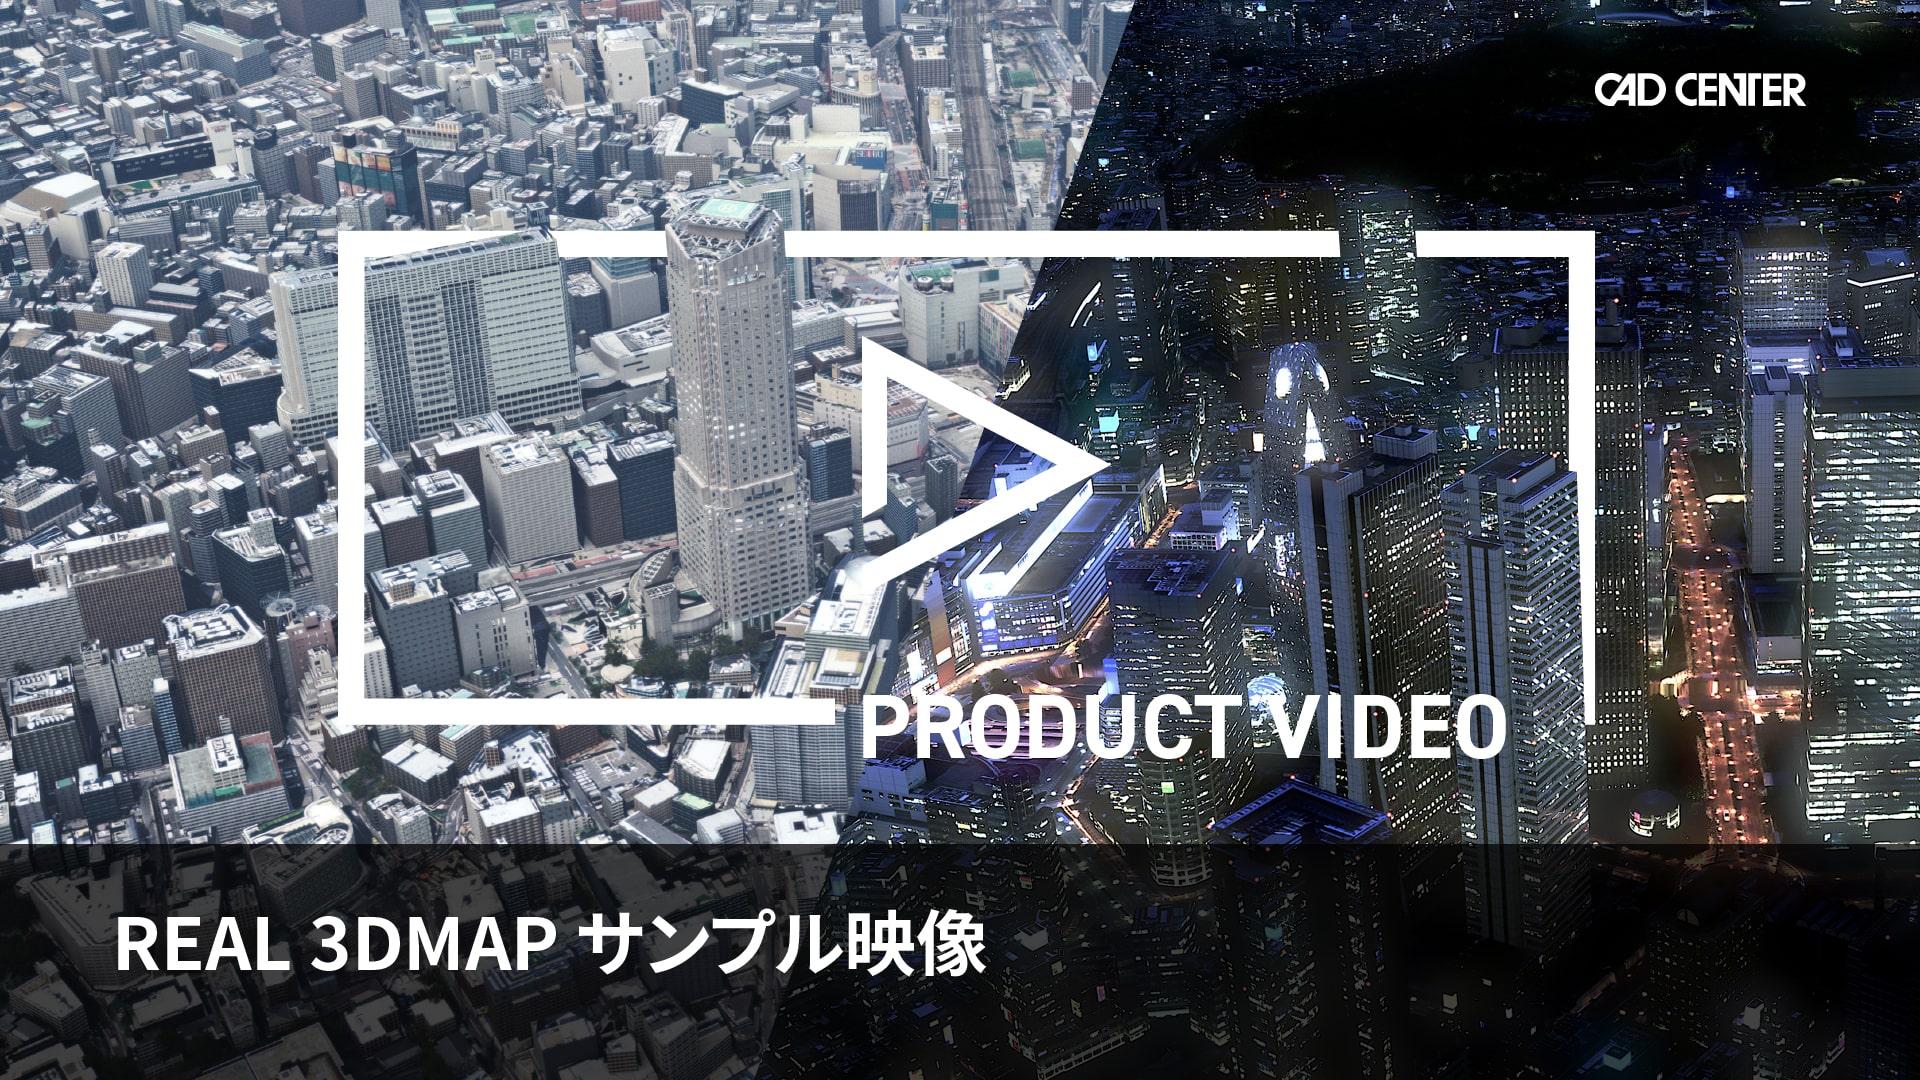 フォト・リアリスティック3次元都市データ REAL 3DMAP を用いた映像コンテンツの表現サンプルです。